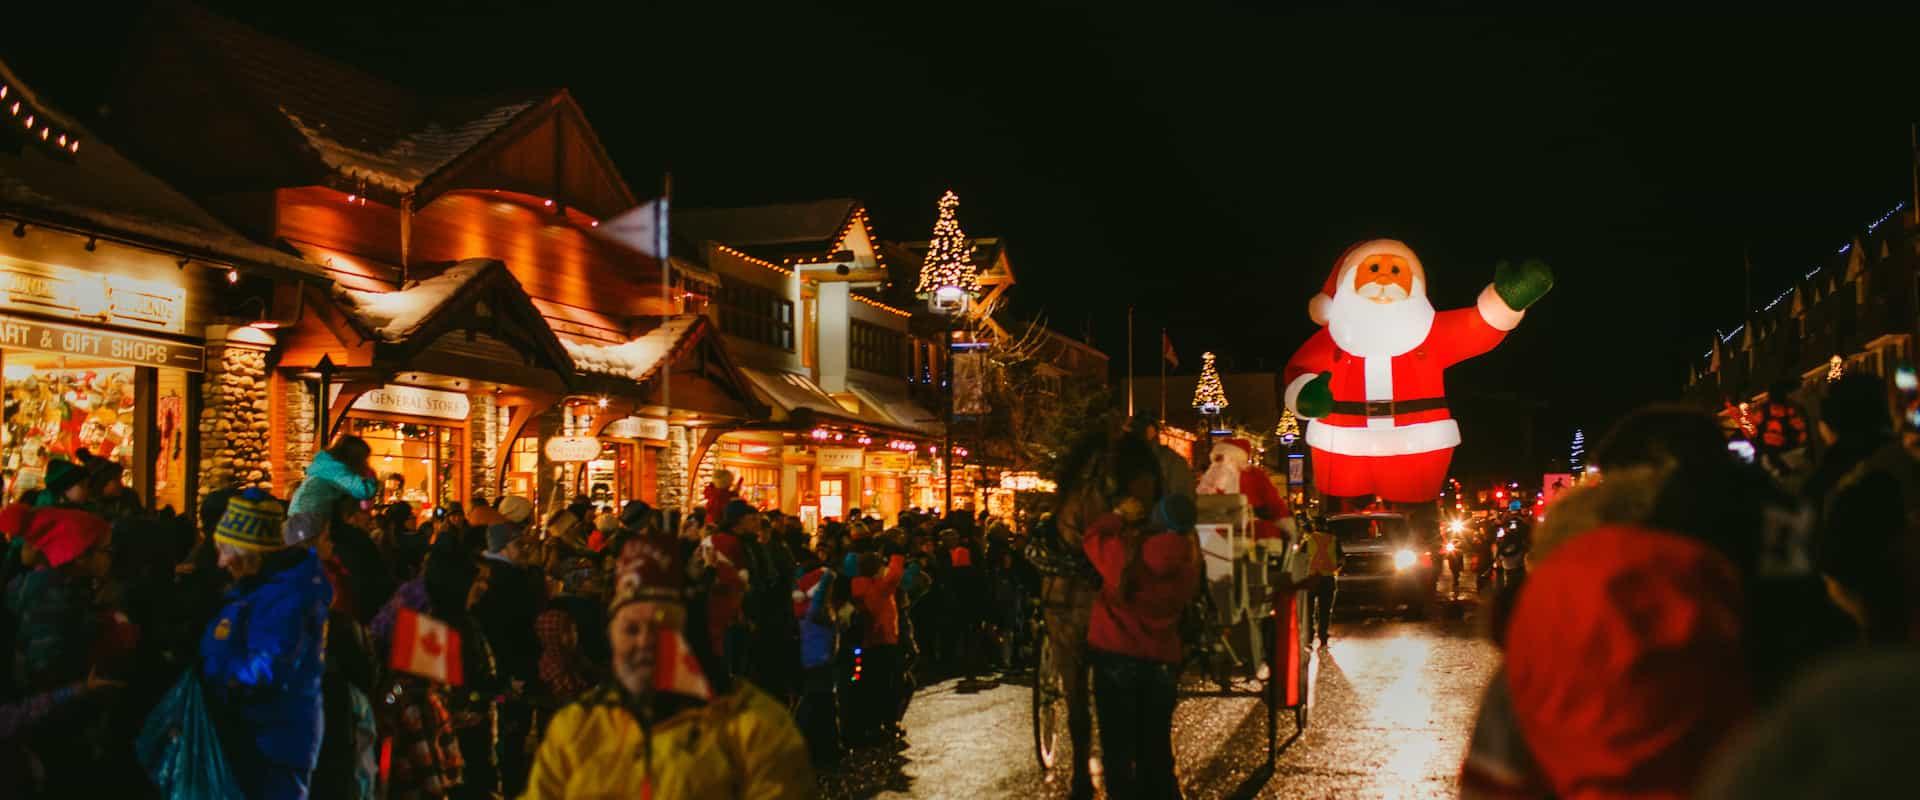 Santa Claus Banff Parade